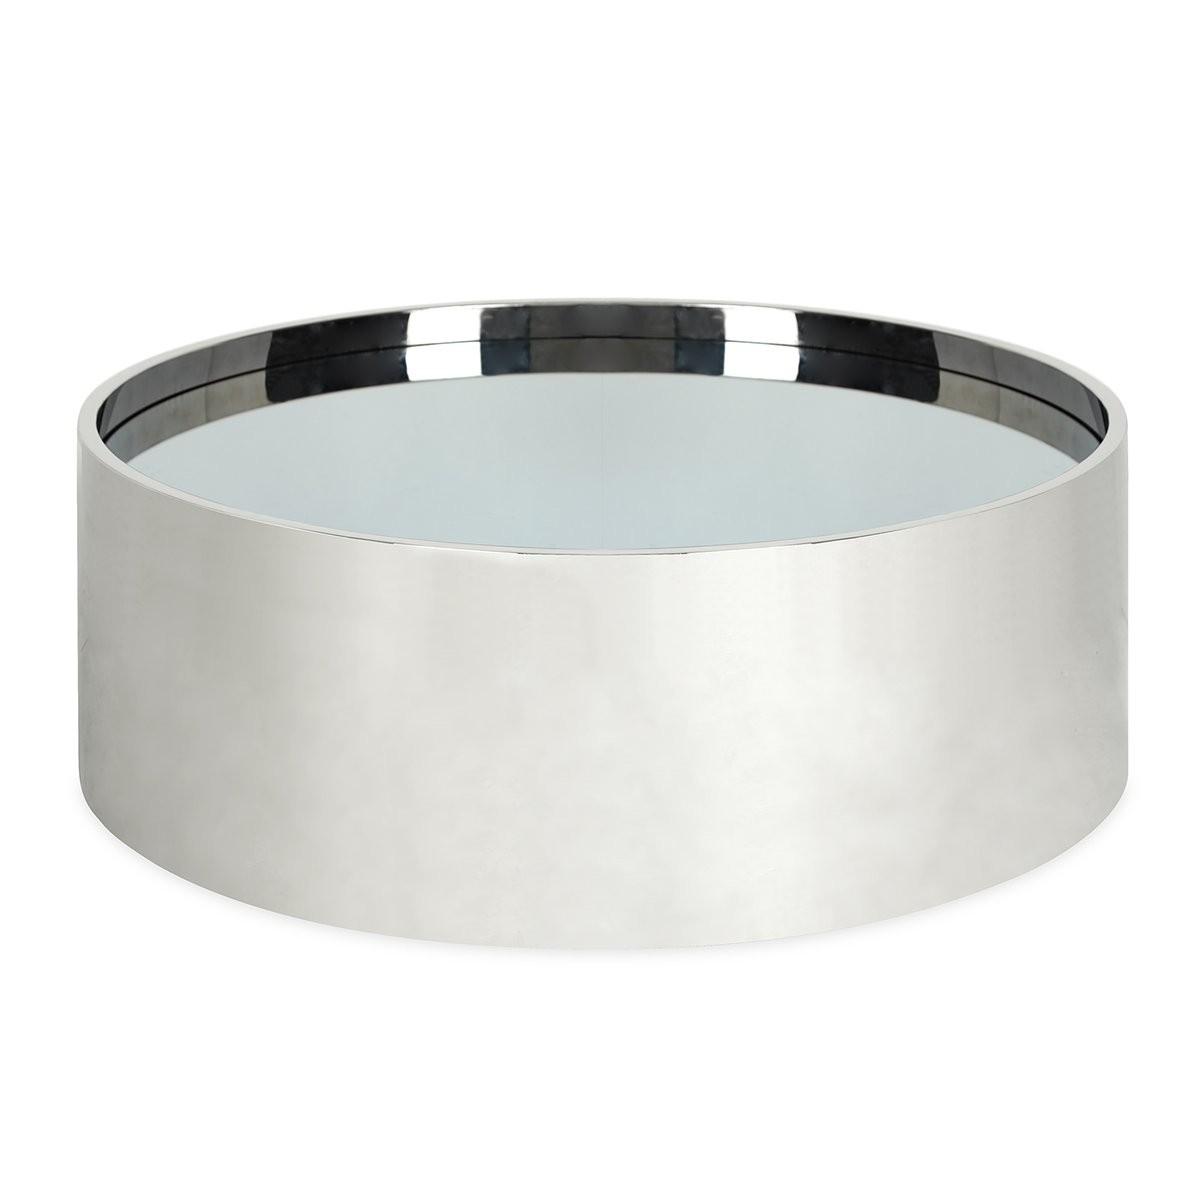 Jonathan Adler | Alphaville Cocktail Table Stainless Steel